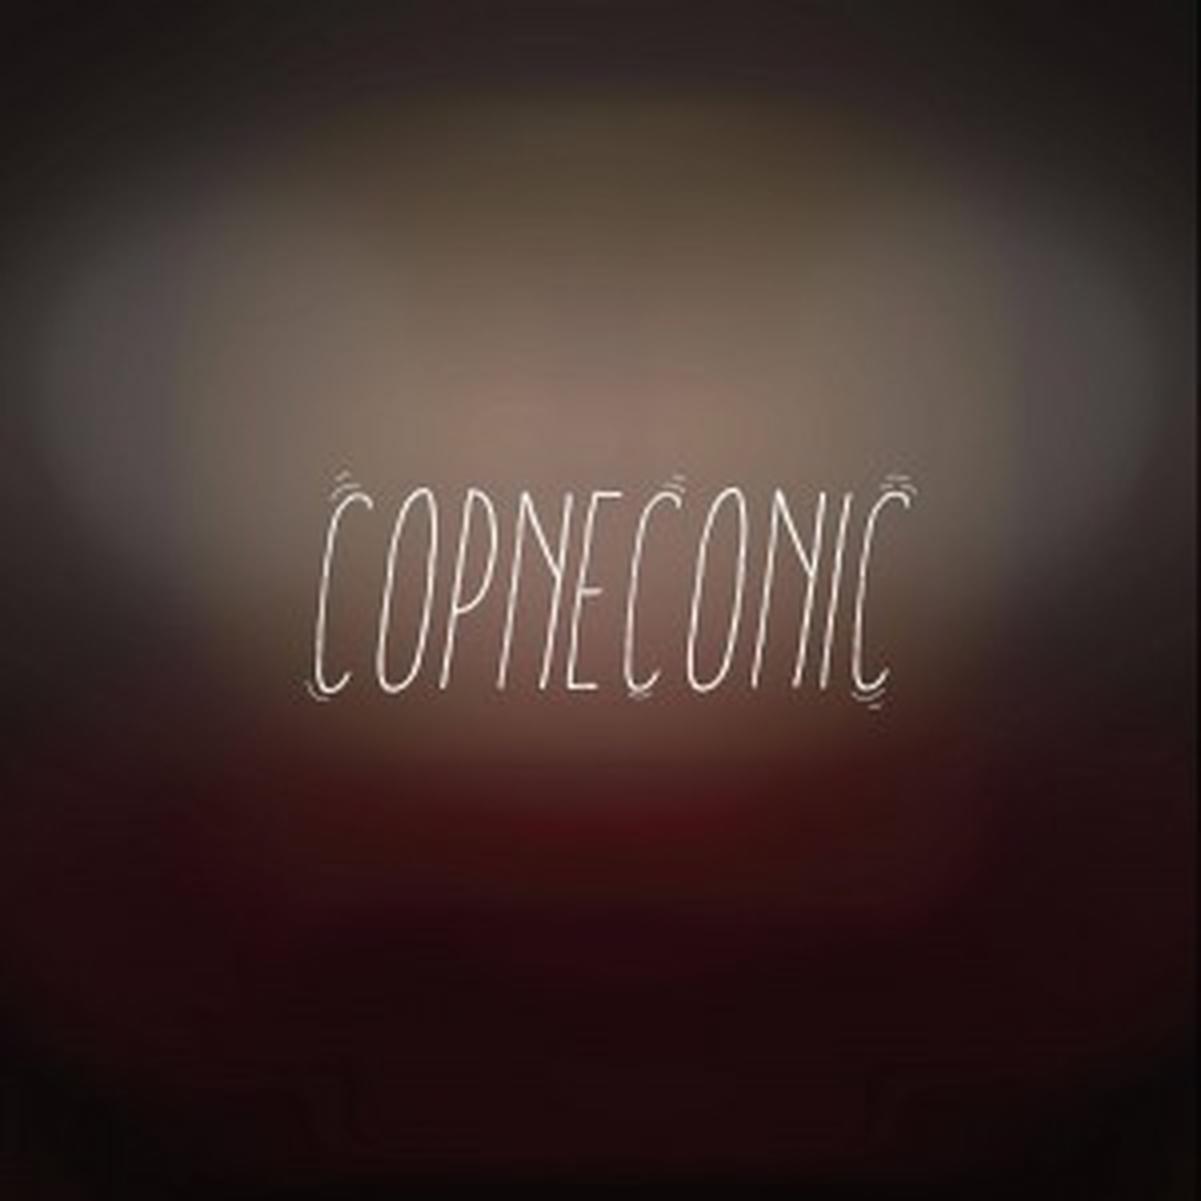 Copneconic